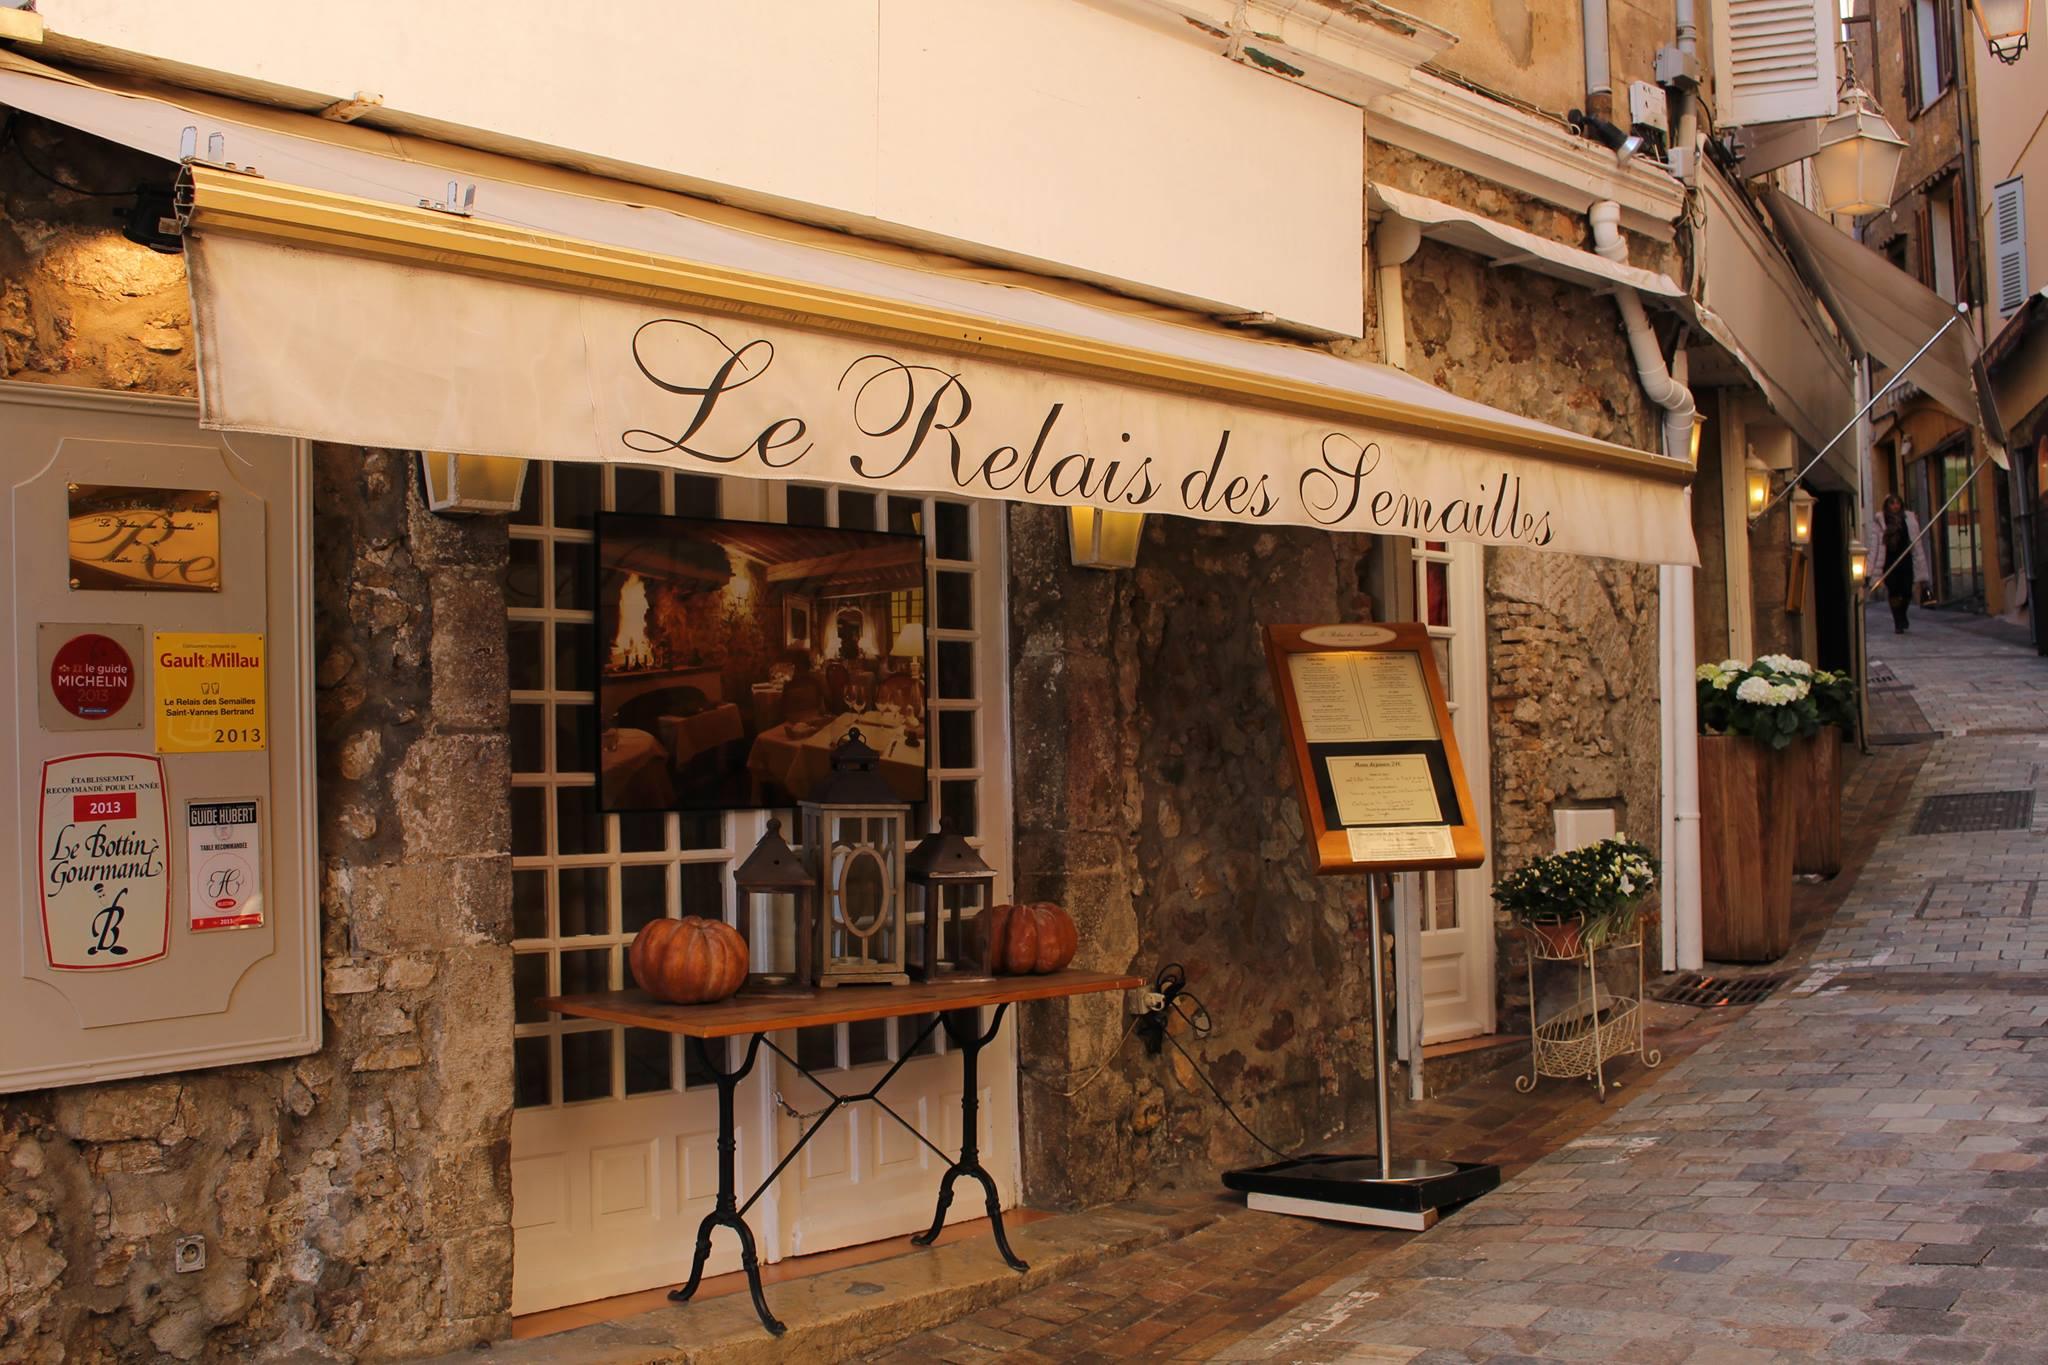 Adhérent LE RELAIS DES SEMAILLES - photo #4722